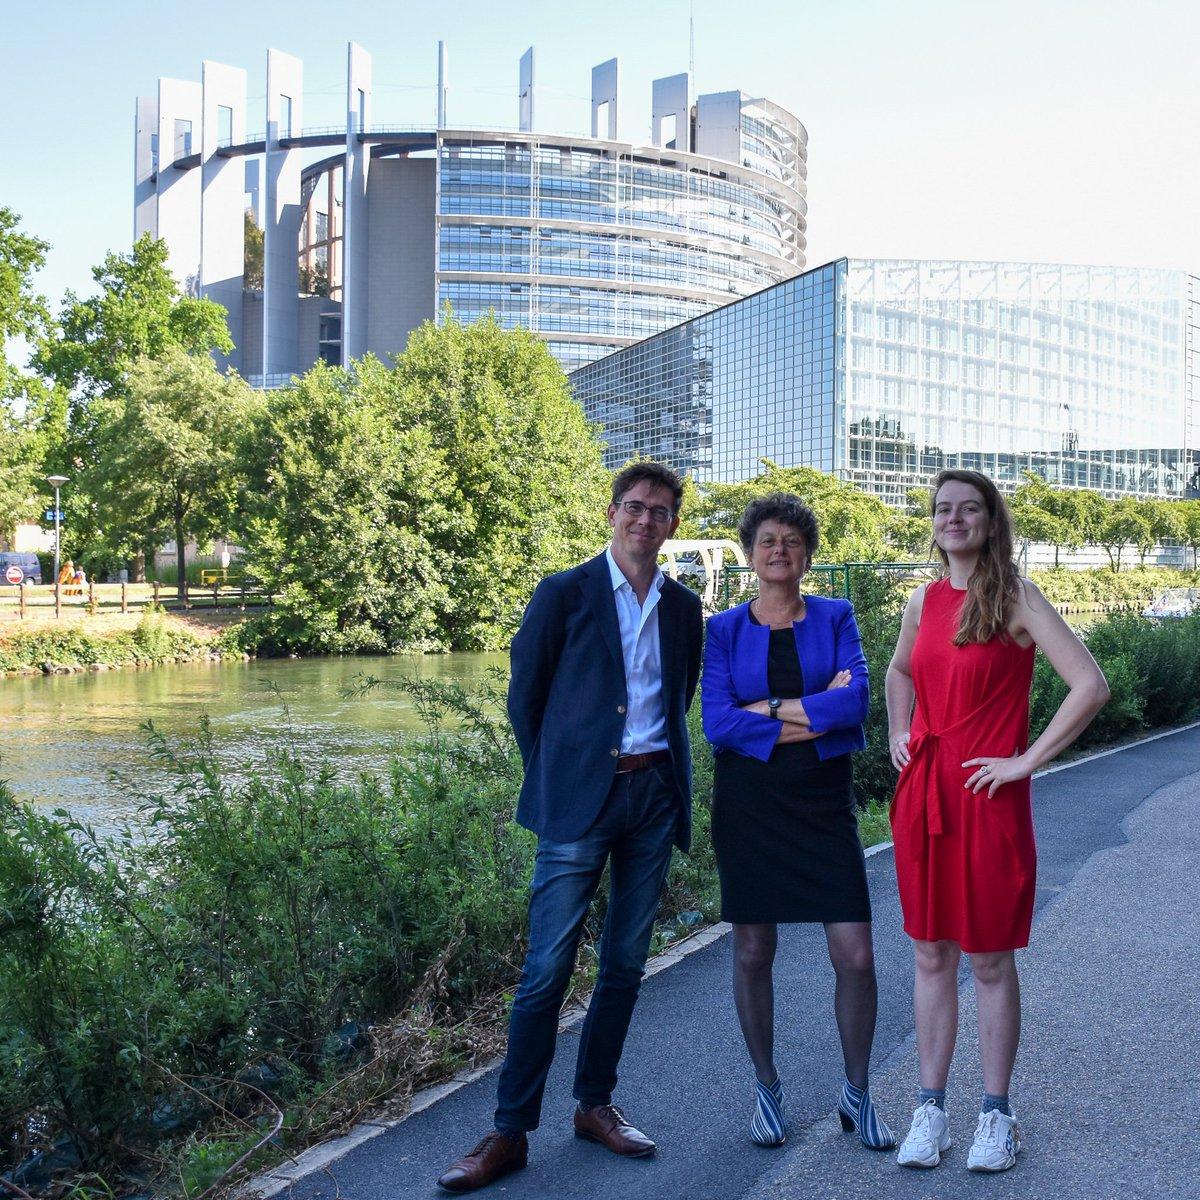 🇪🇺 Vanaf vandaag is het officieel! @BasEickhout, @Tineke_Strik en @kimvsparrentak zijn Europarlementariërs voor GroenLinks in de Groene fractie @GreensEP. Samen gaan ze de komende vijf jaar aan de slag om Europa groener en eerlijker te maken. 💪